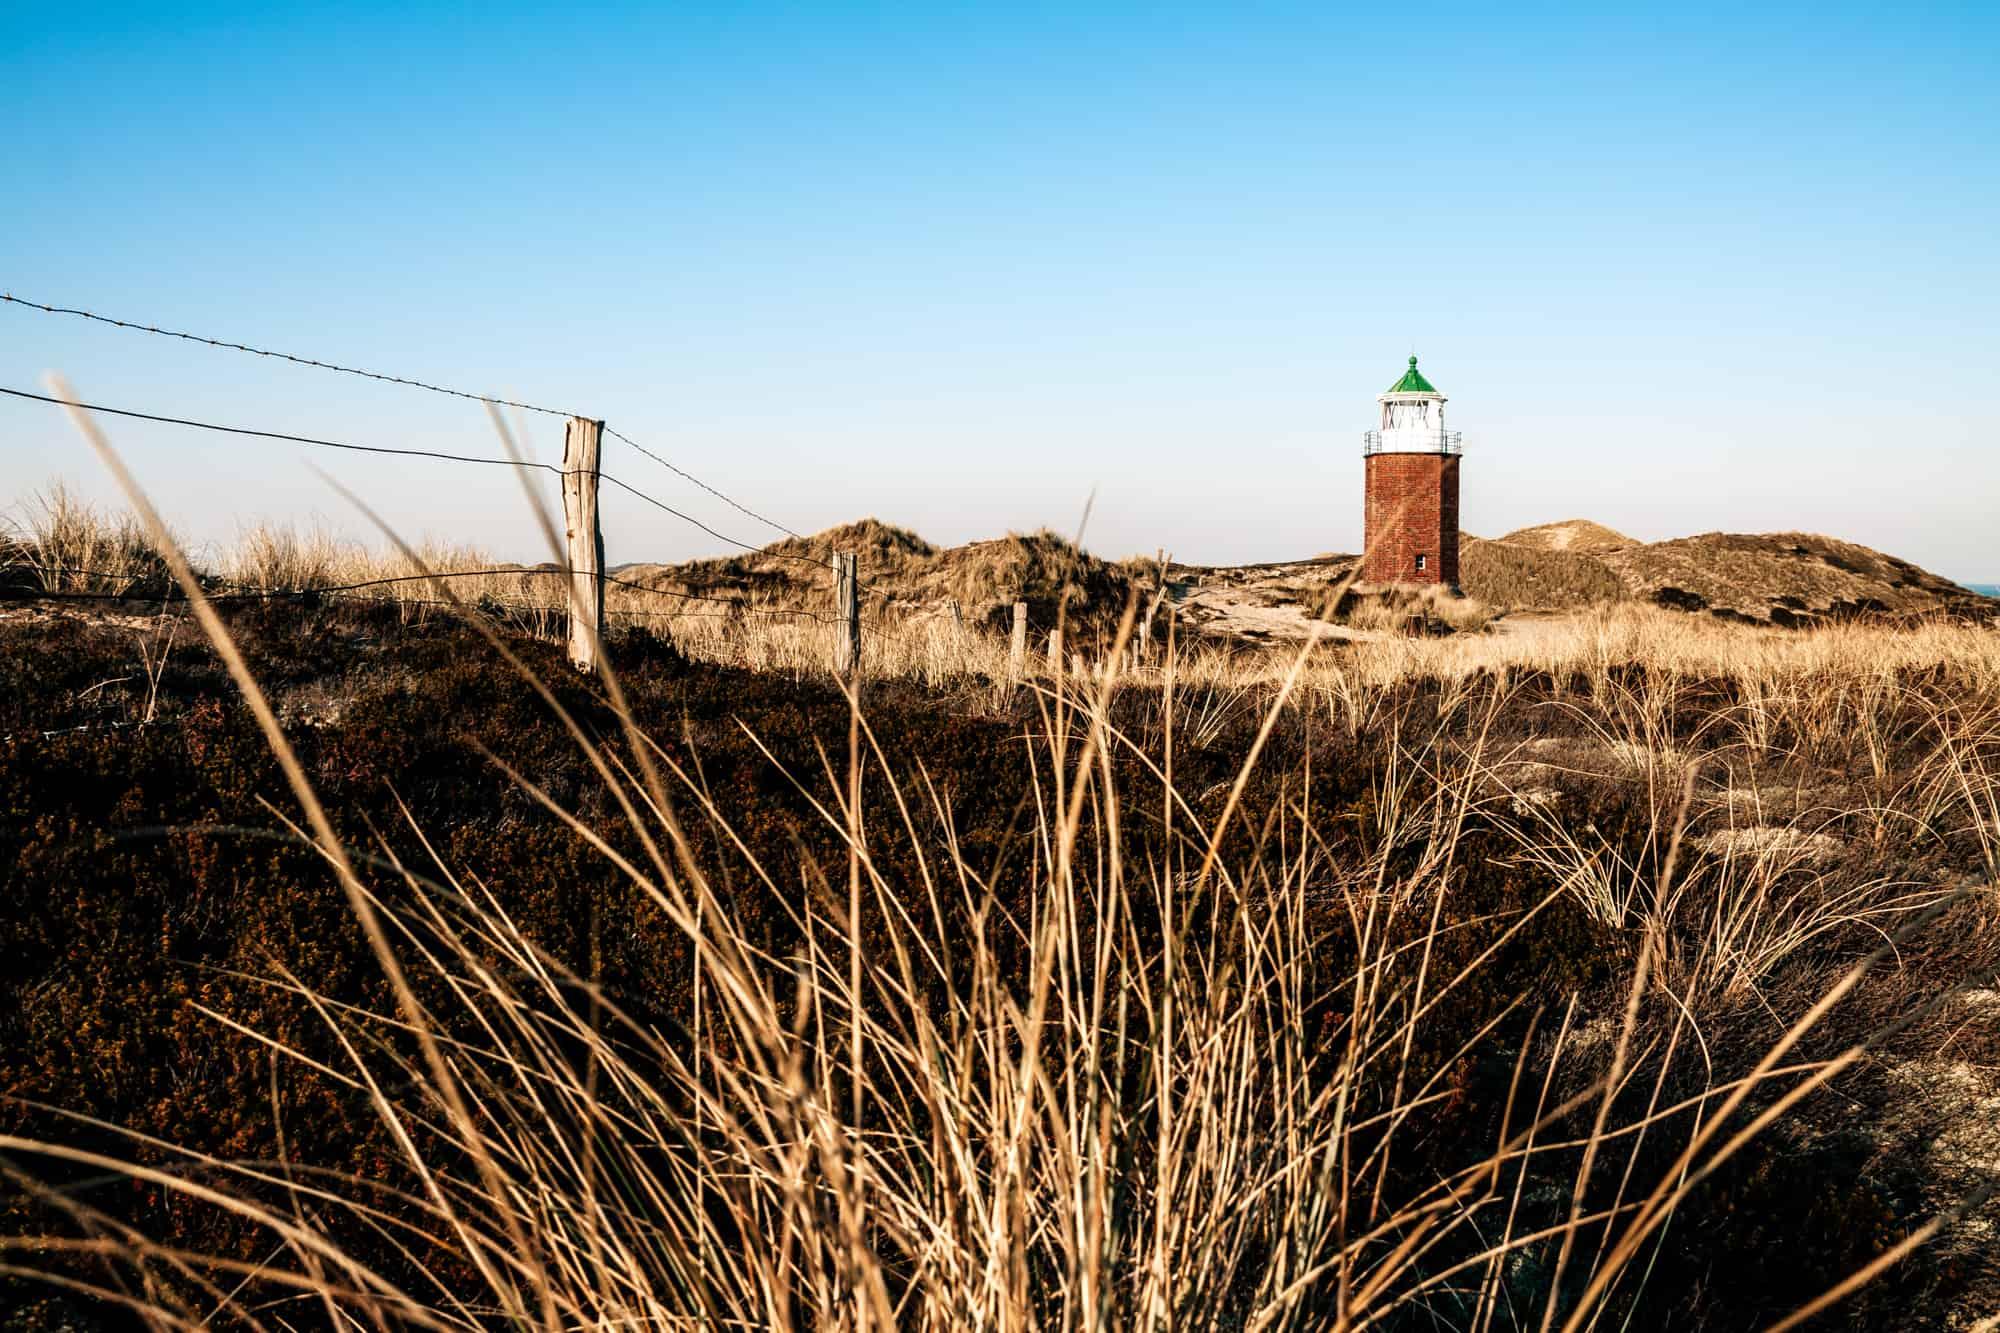 Sylt Fotos Fotograf Sylt Landschaft Sylt Hochzeit Sylt Nauke Jaschinski